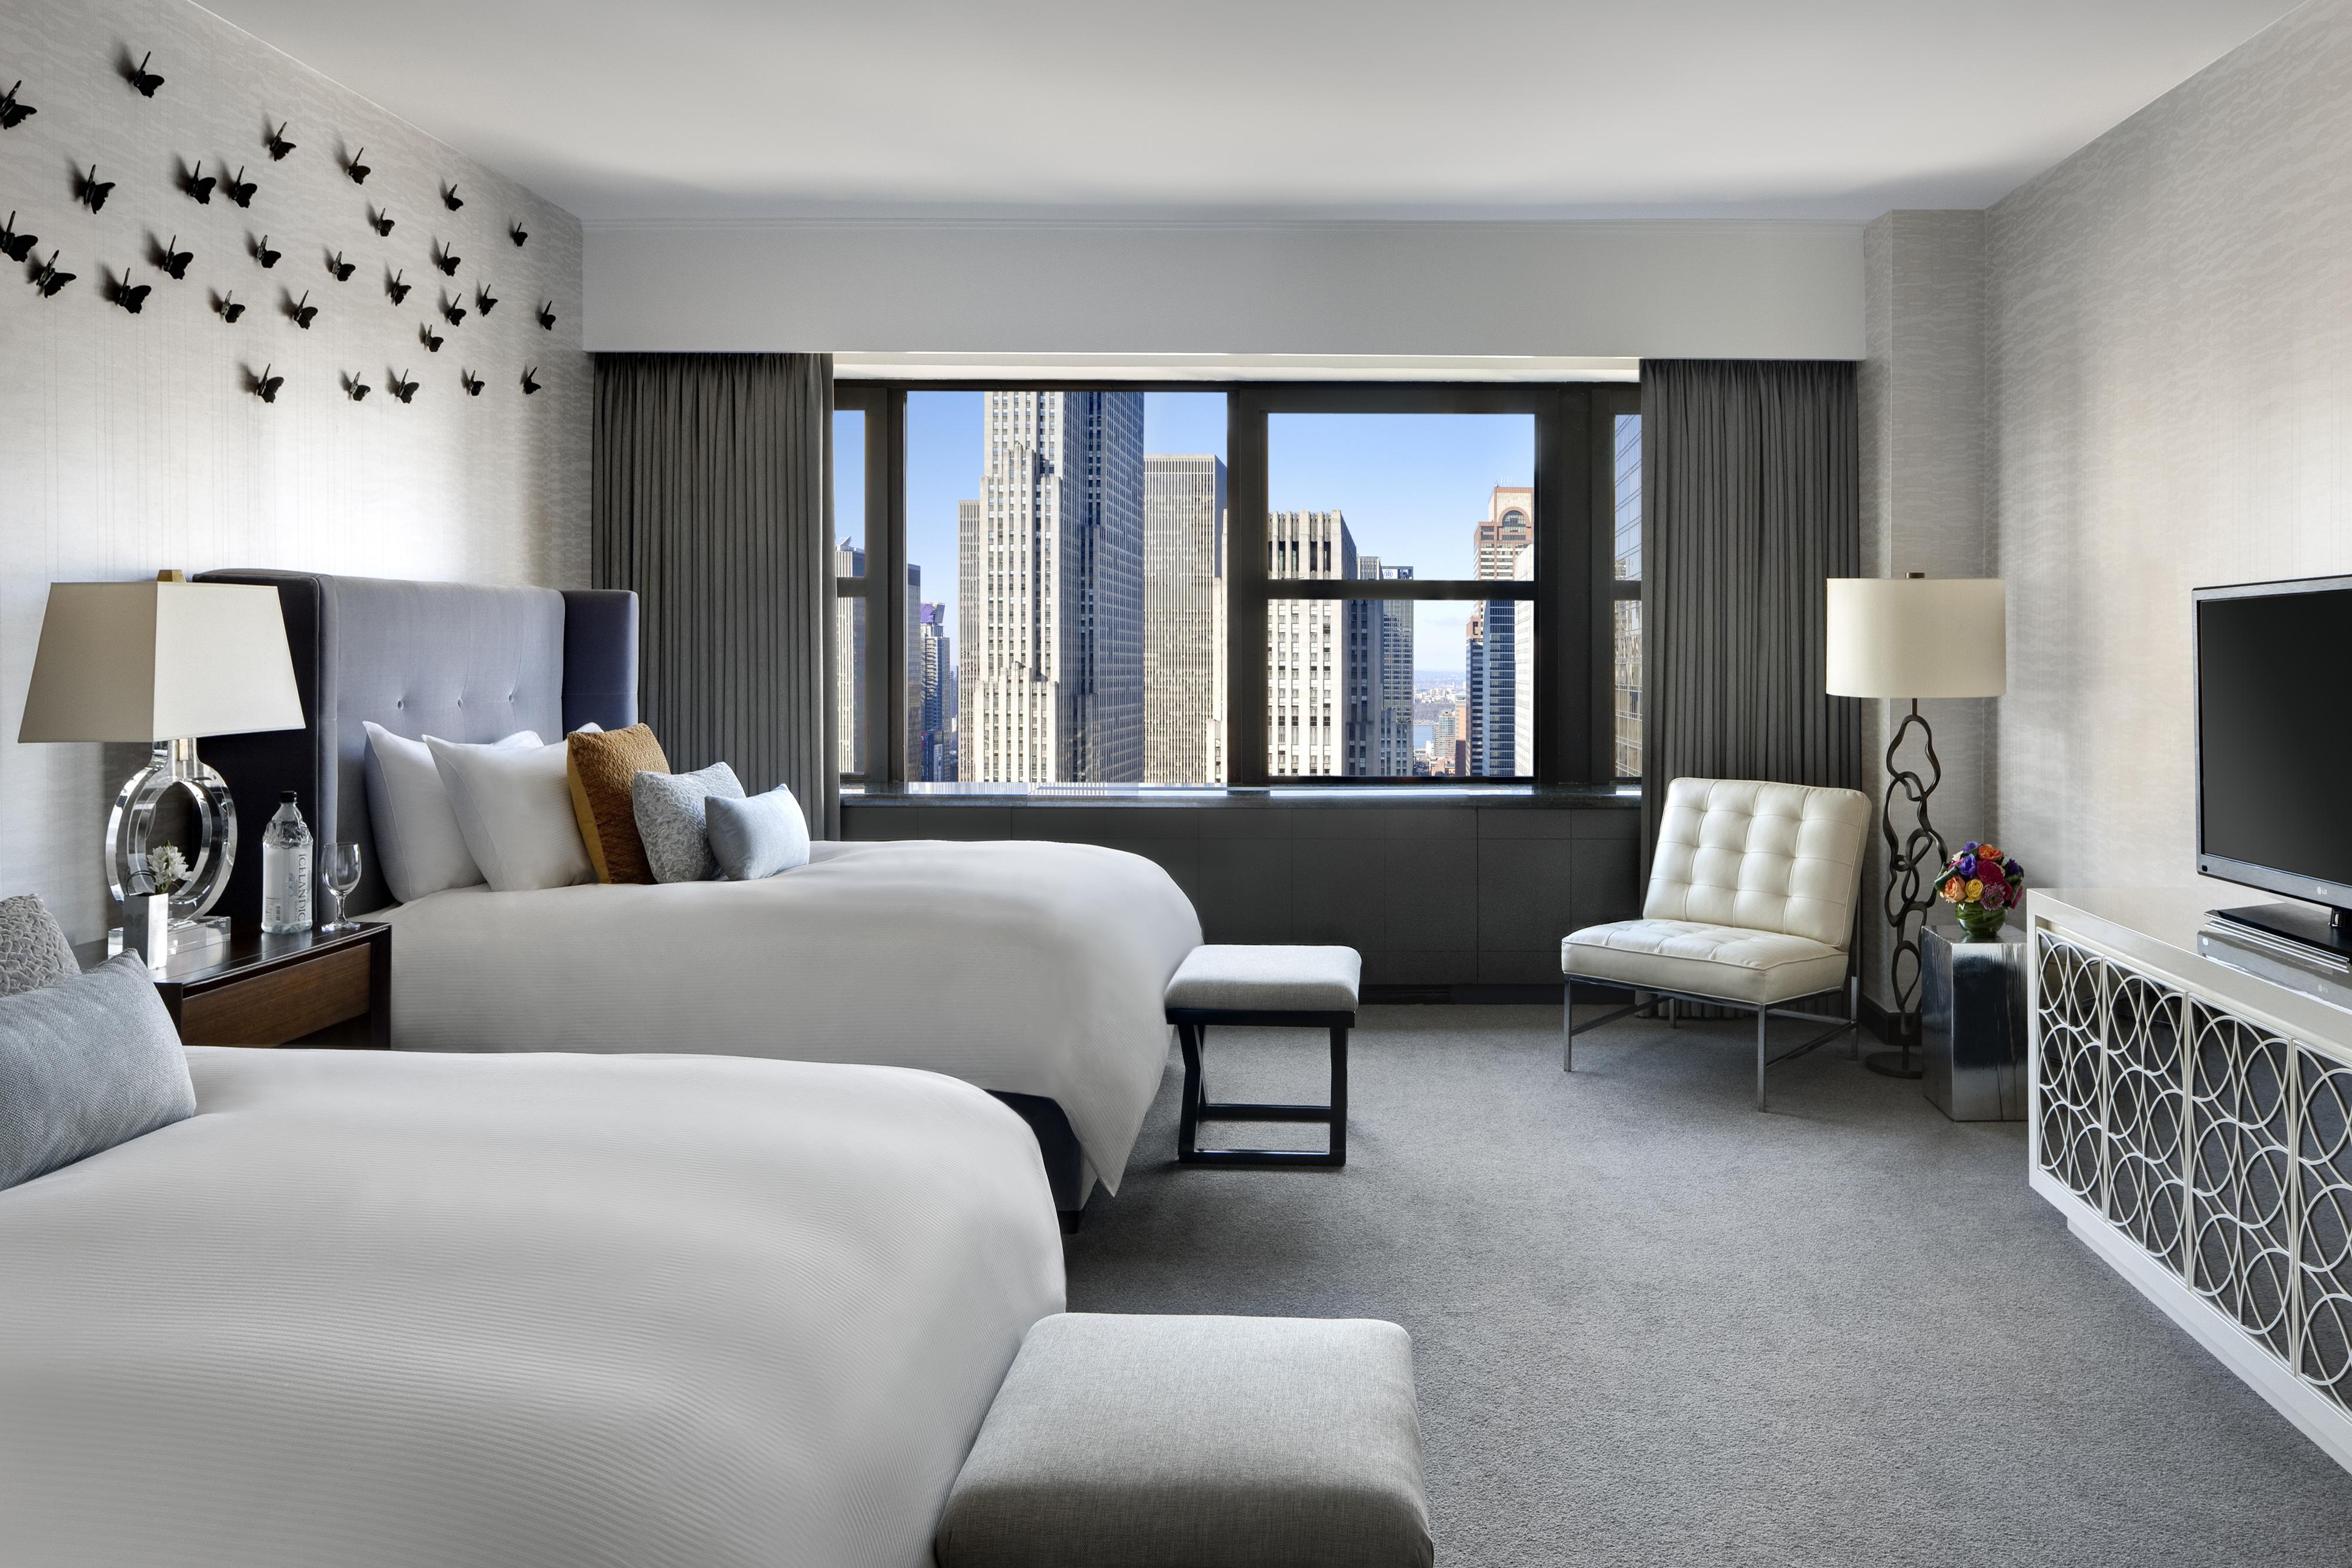 2 Bedroom Hotel Rooms In Nyc Bedroom Hotels 2 Bedroom